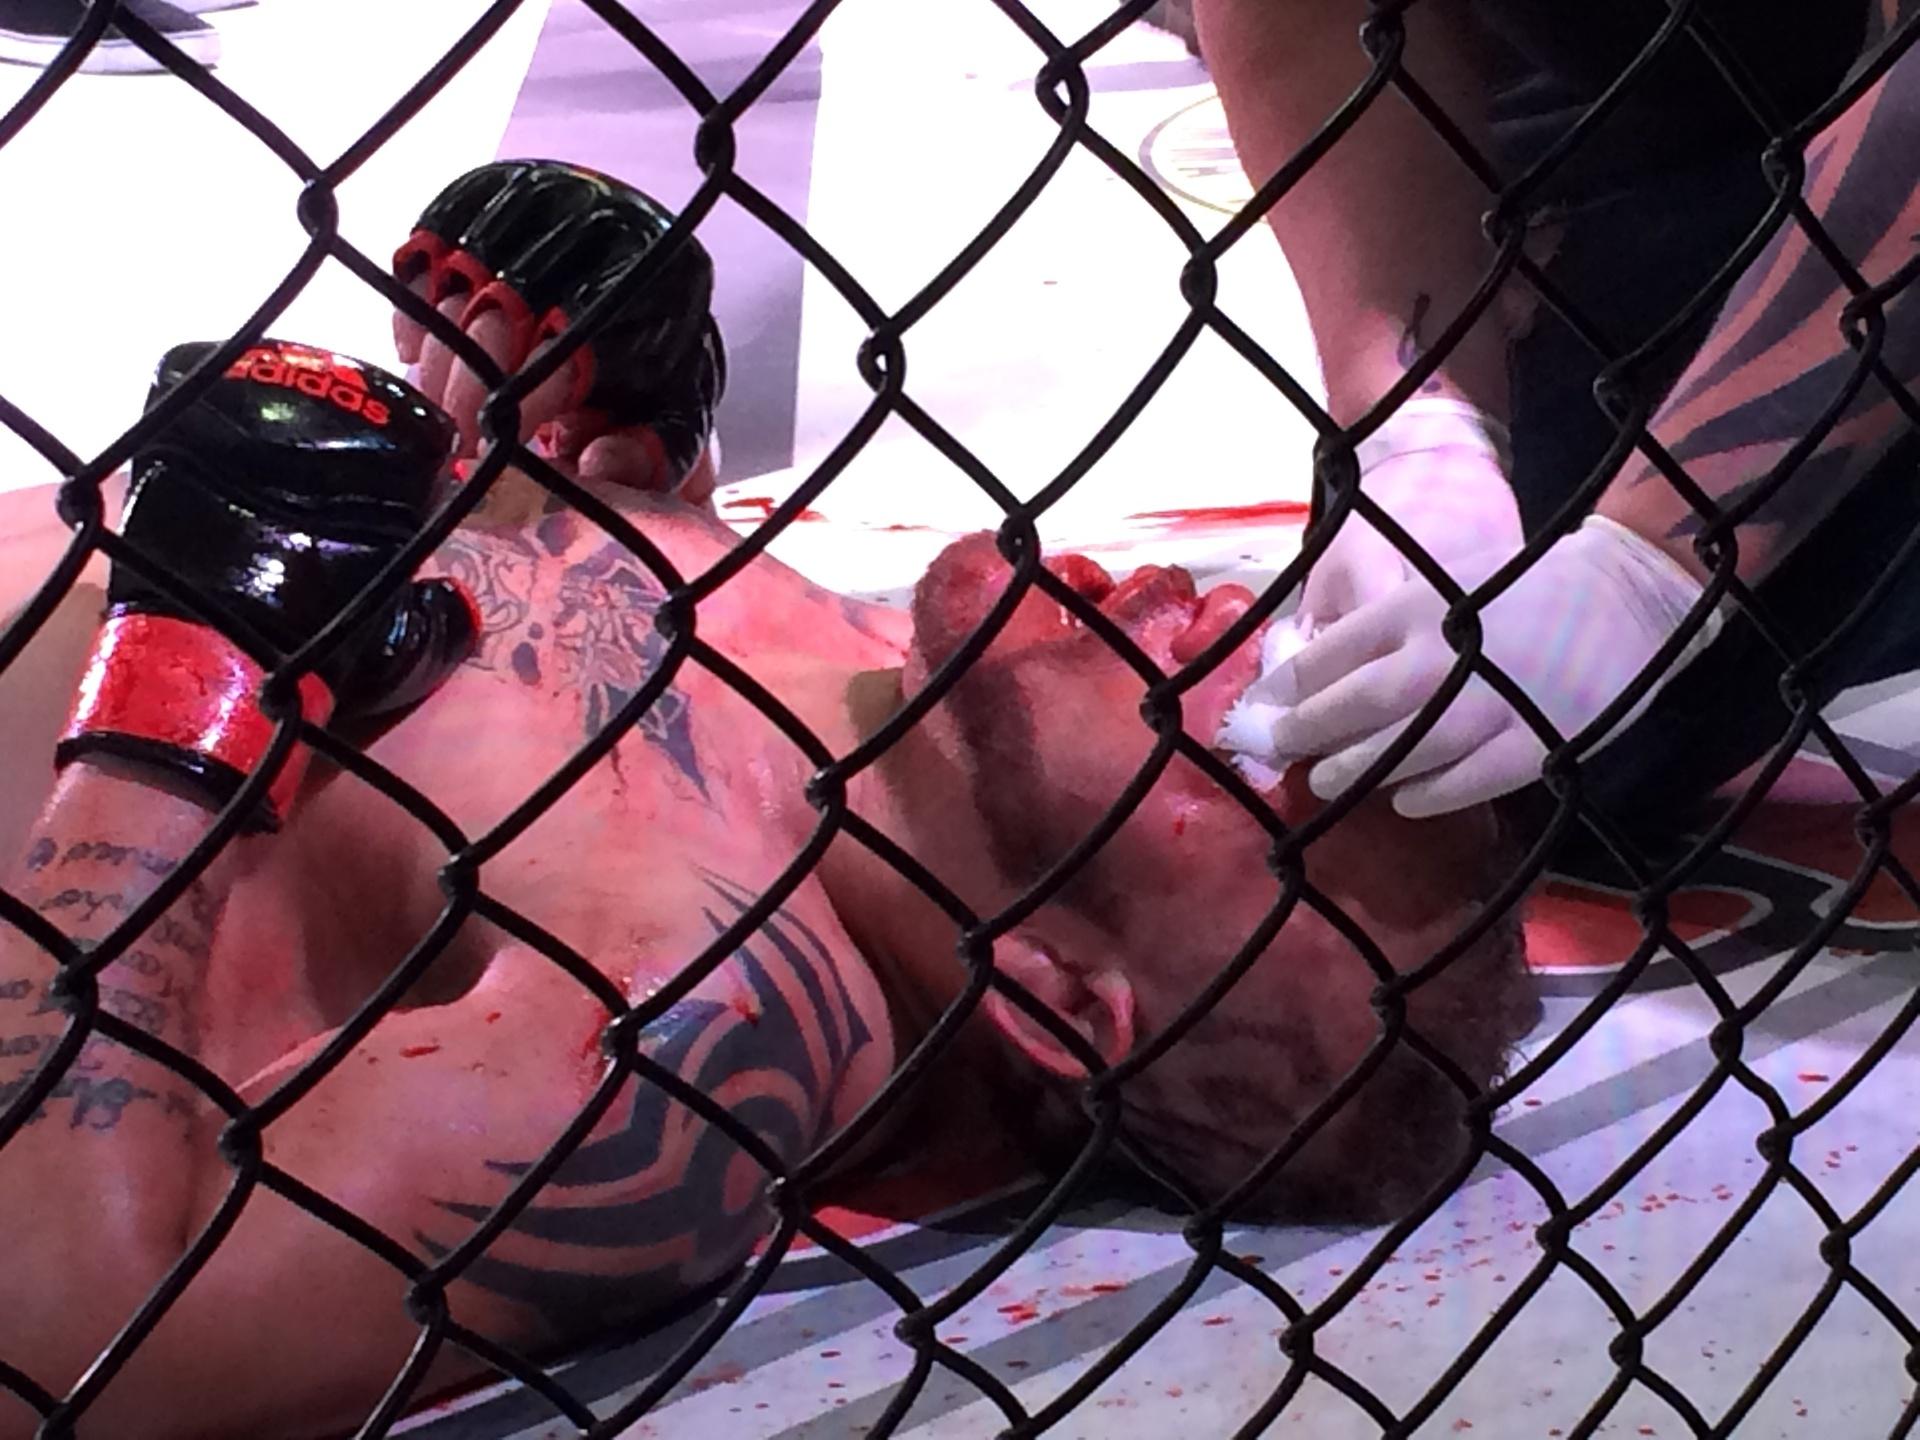 Lutador Geleia é atendido após tomar golpes de MMA em São Paulo